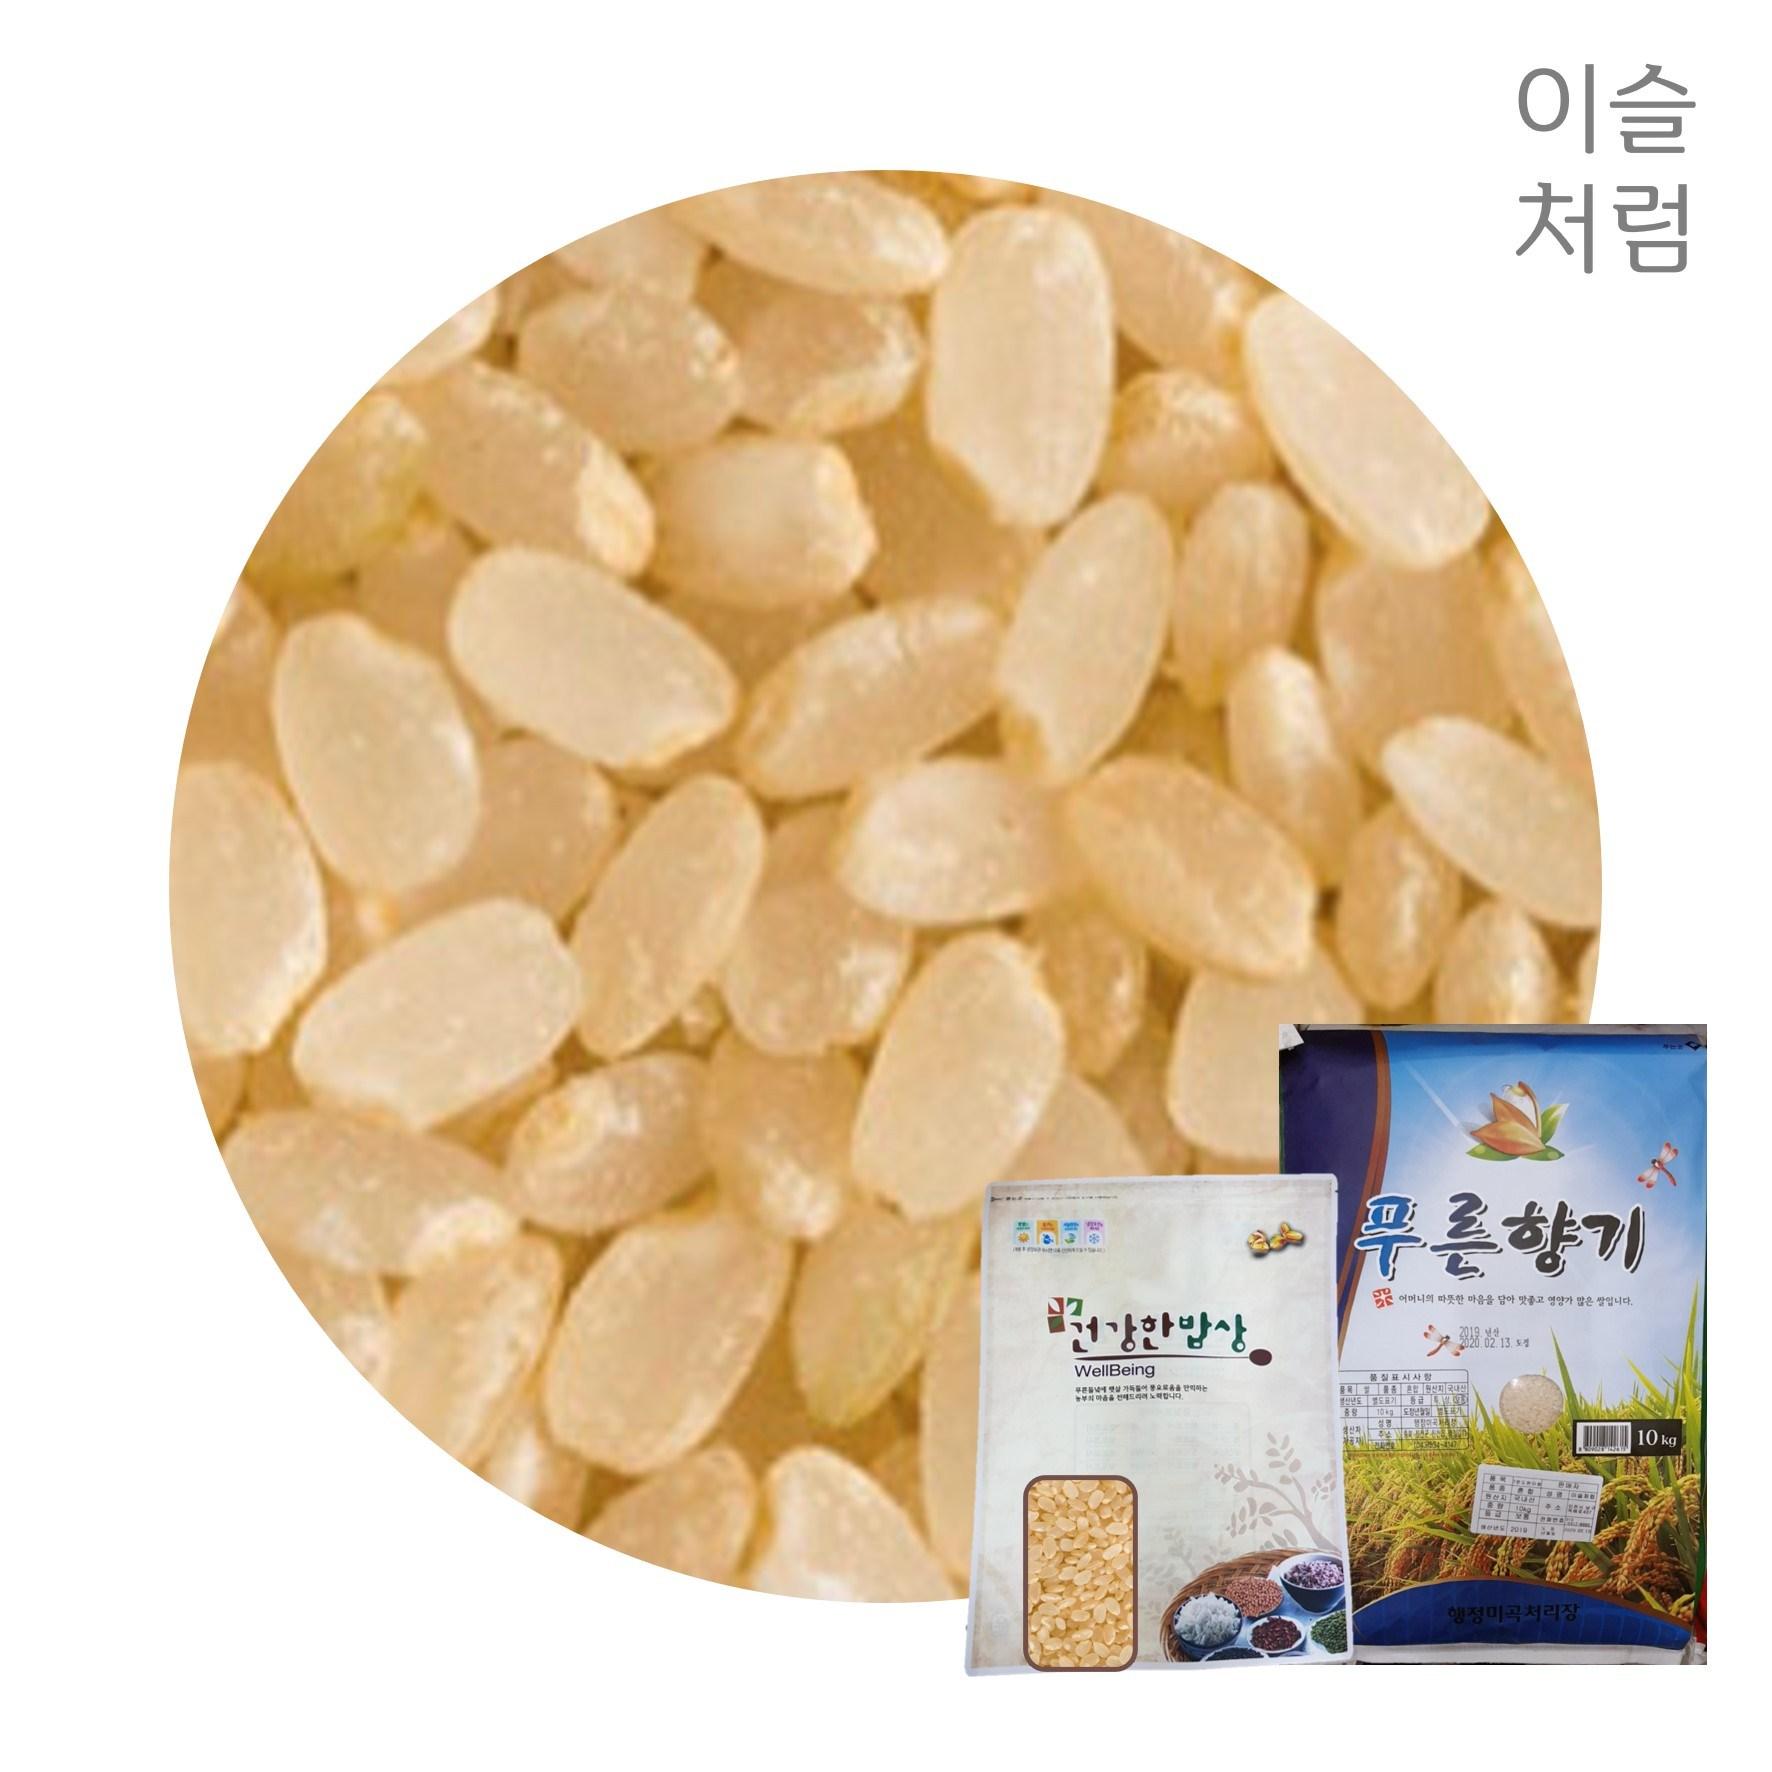 한정수량 국산 현미닮은 노란밥쌀 오분도미 10kg(보통) 당일발송 혈당조절 저당 잡곡밥, 1개, 10kg